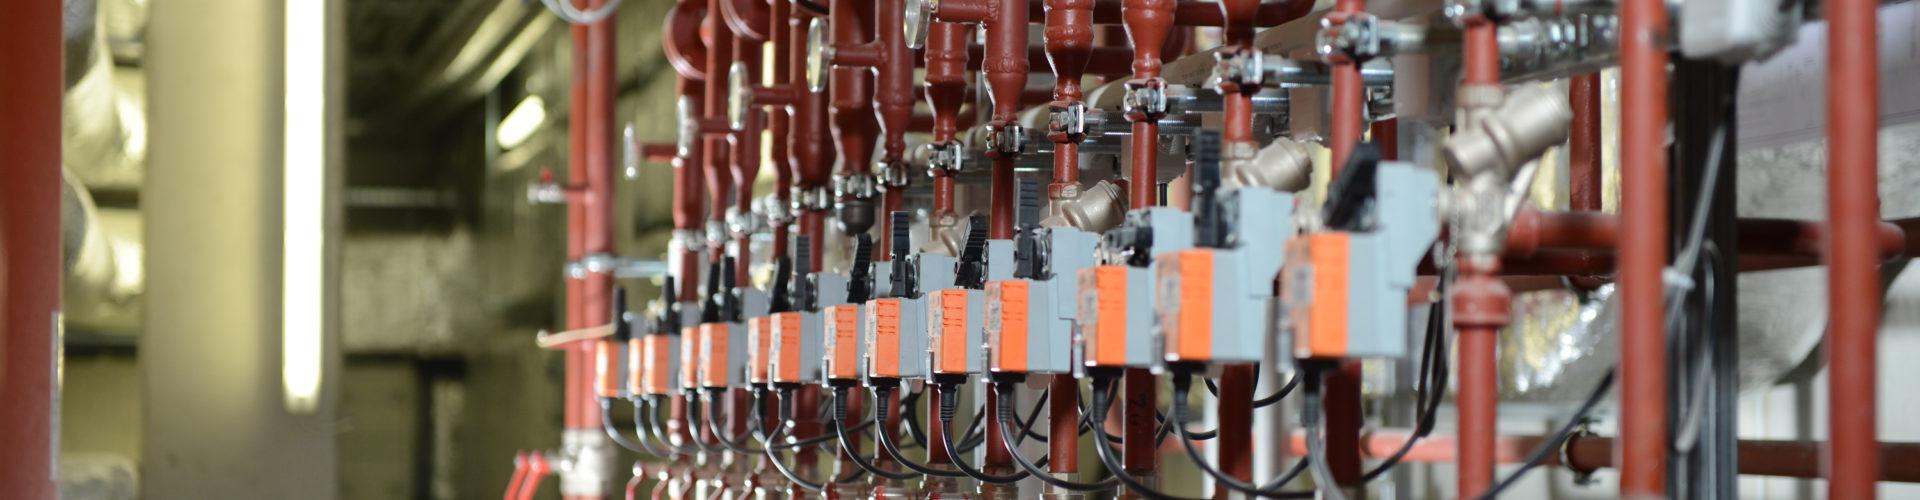 Heizungsinstallation Dorfinstallateur bei arlberg1800 kunsthalle st. christoph